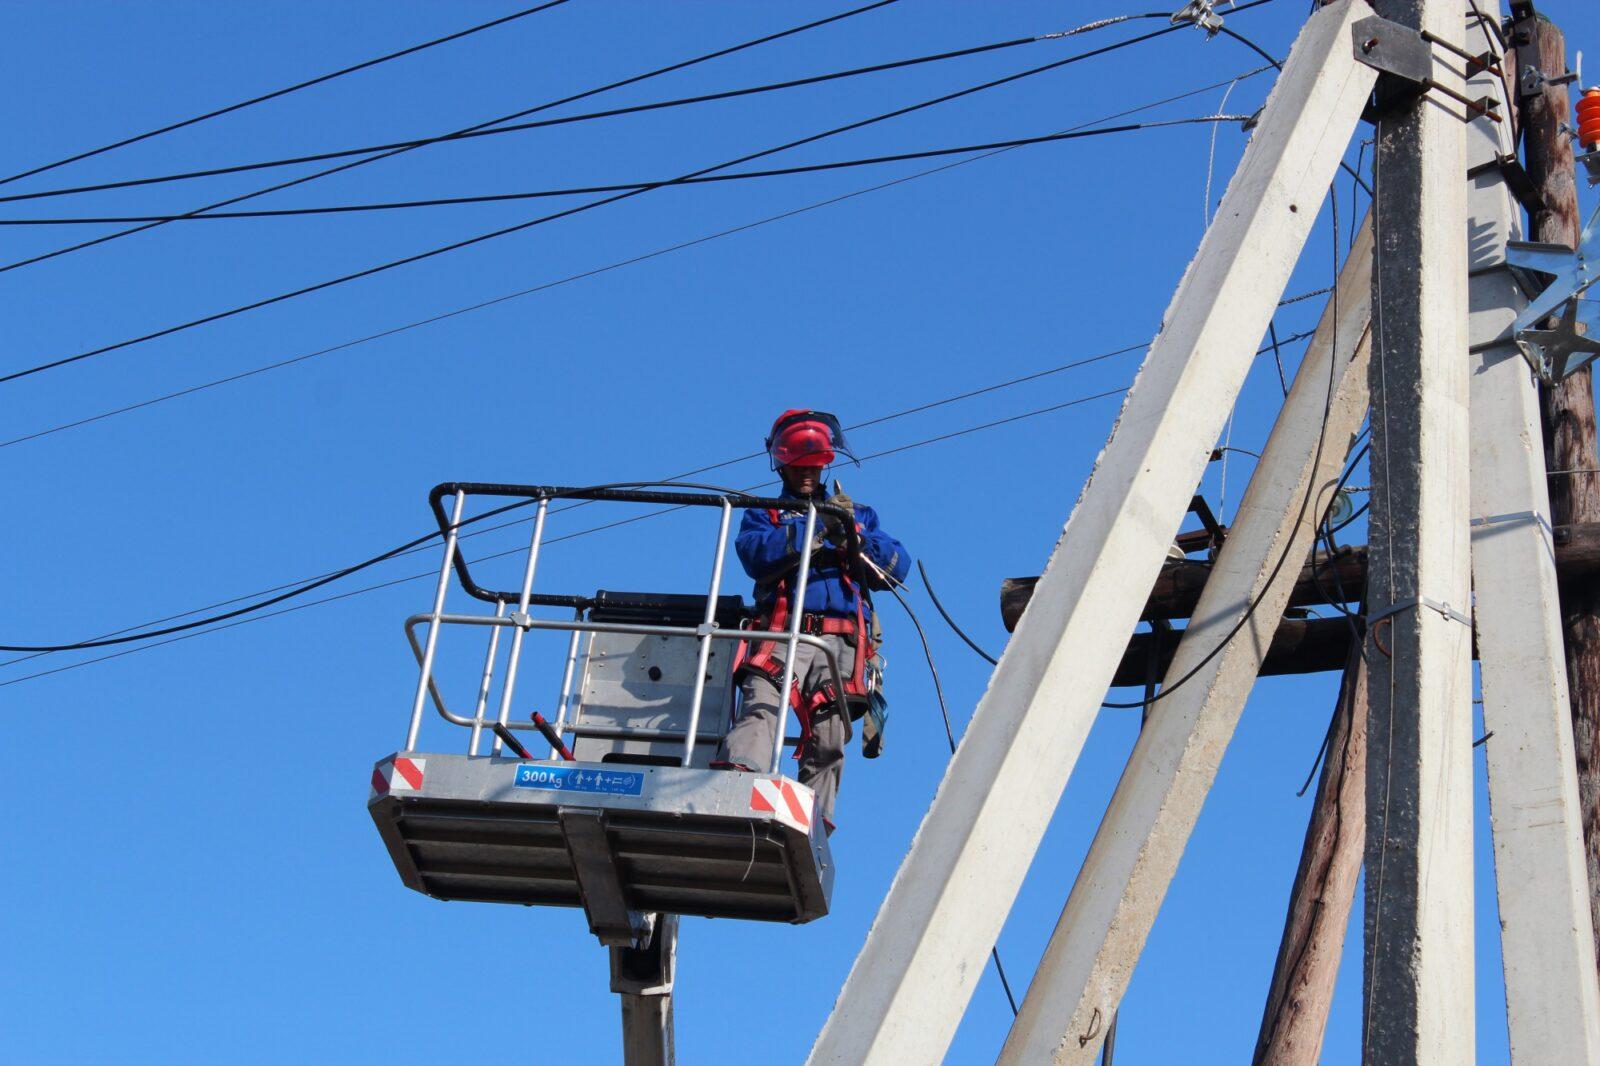 Энергетики Тверьэнерго фиксируют положительную динамику в ходе работ по восстановлению электроснабжения региона